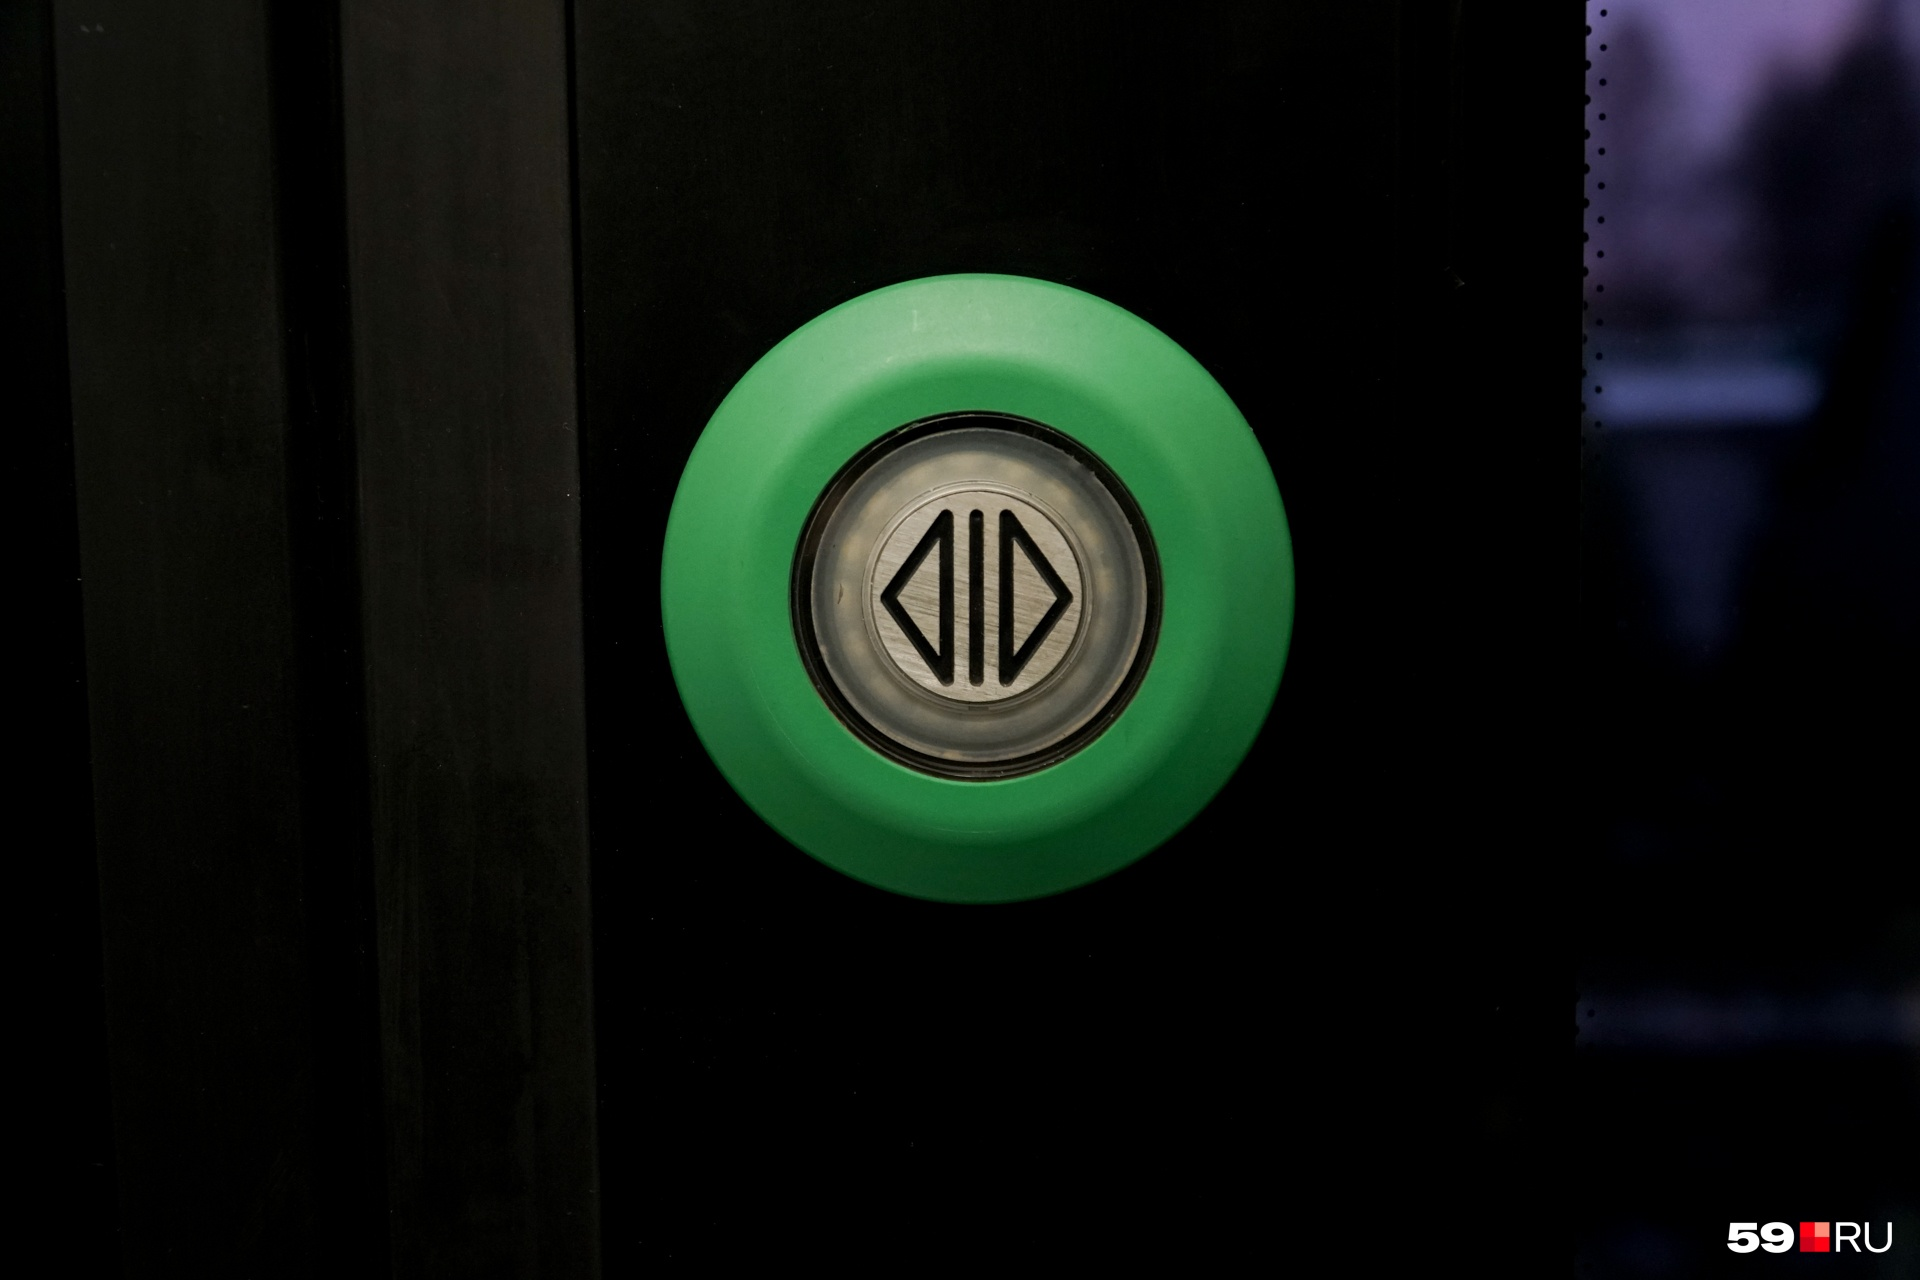 В городских трамваях кнопку нажимают сами пассажиры, а в «Ласточке» — проводники